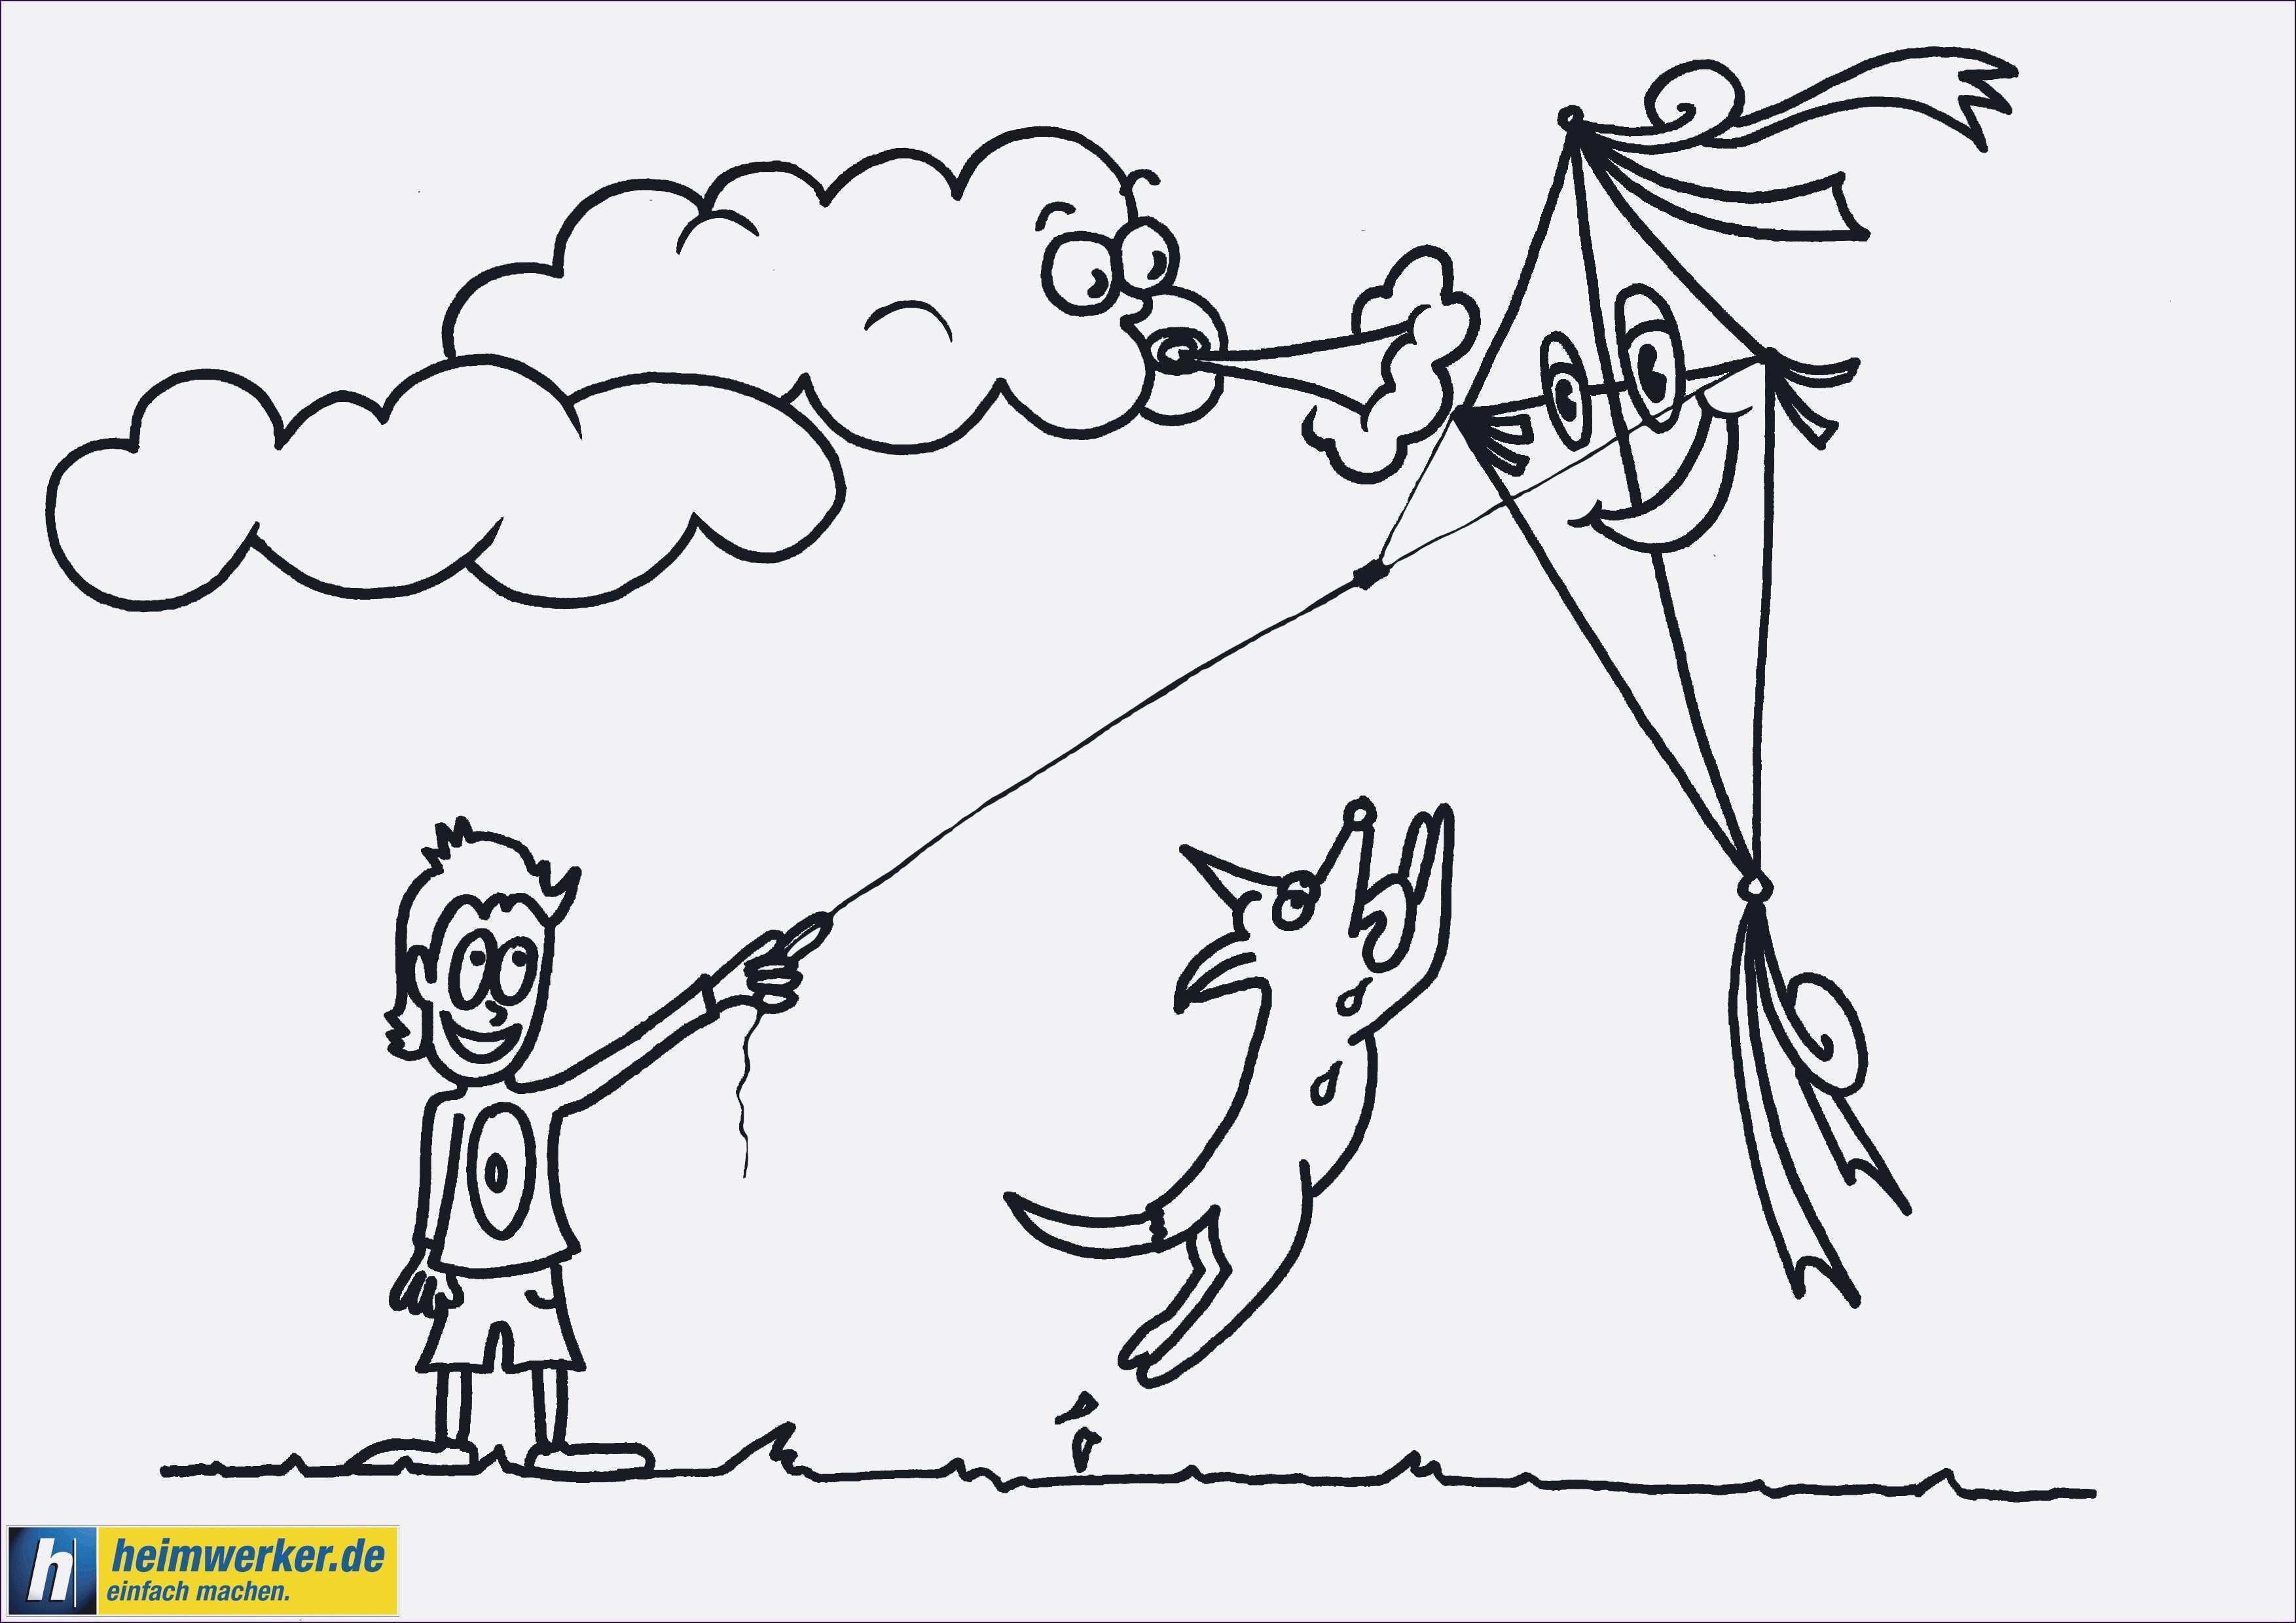 Pippi Langstrumpf Malvorlage Einzigartig Pippi Langstrumpf Ausmalbilder Malvorlagen Vorstellung 37 Bilder